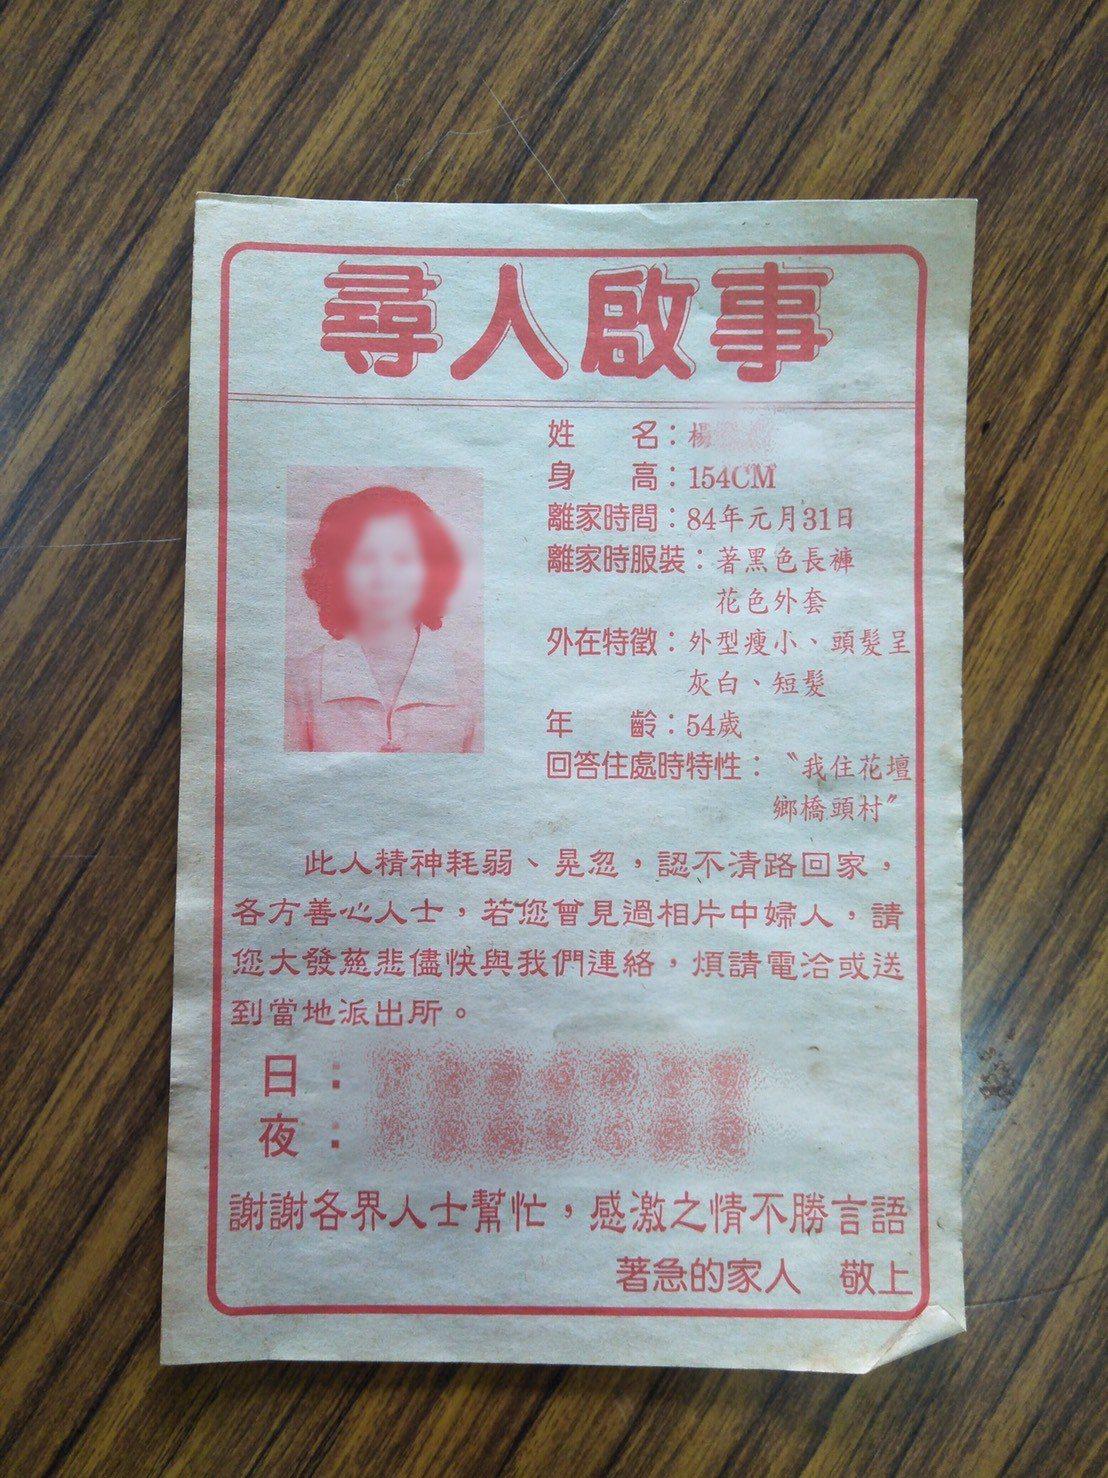 楊姓婦人24年前走失,家人曾到處散發尋人啟事。記者吳淑玲/翻攝